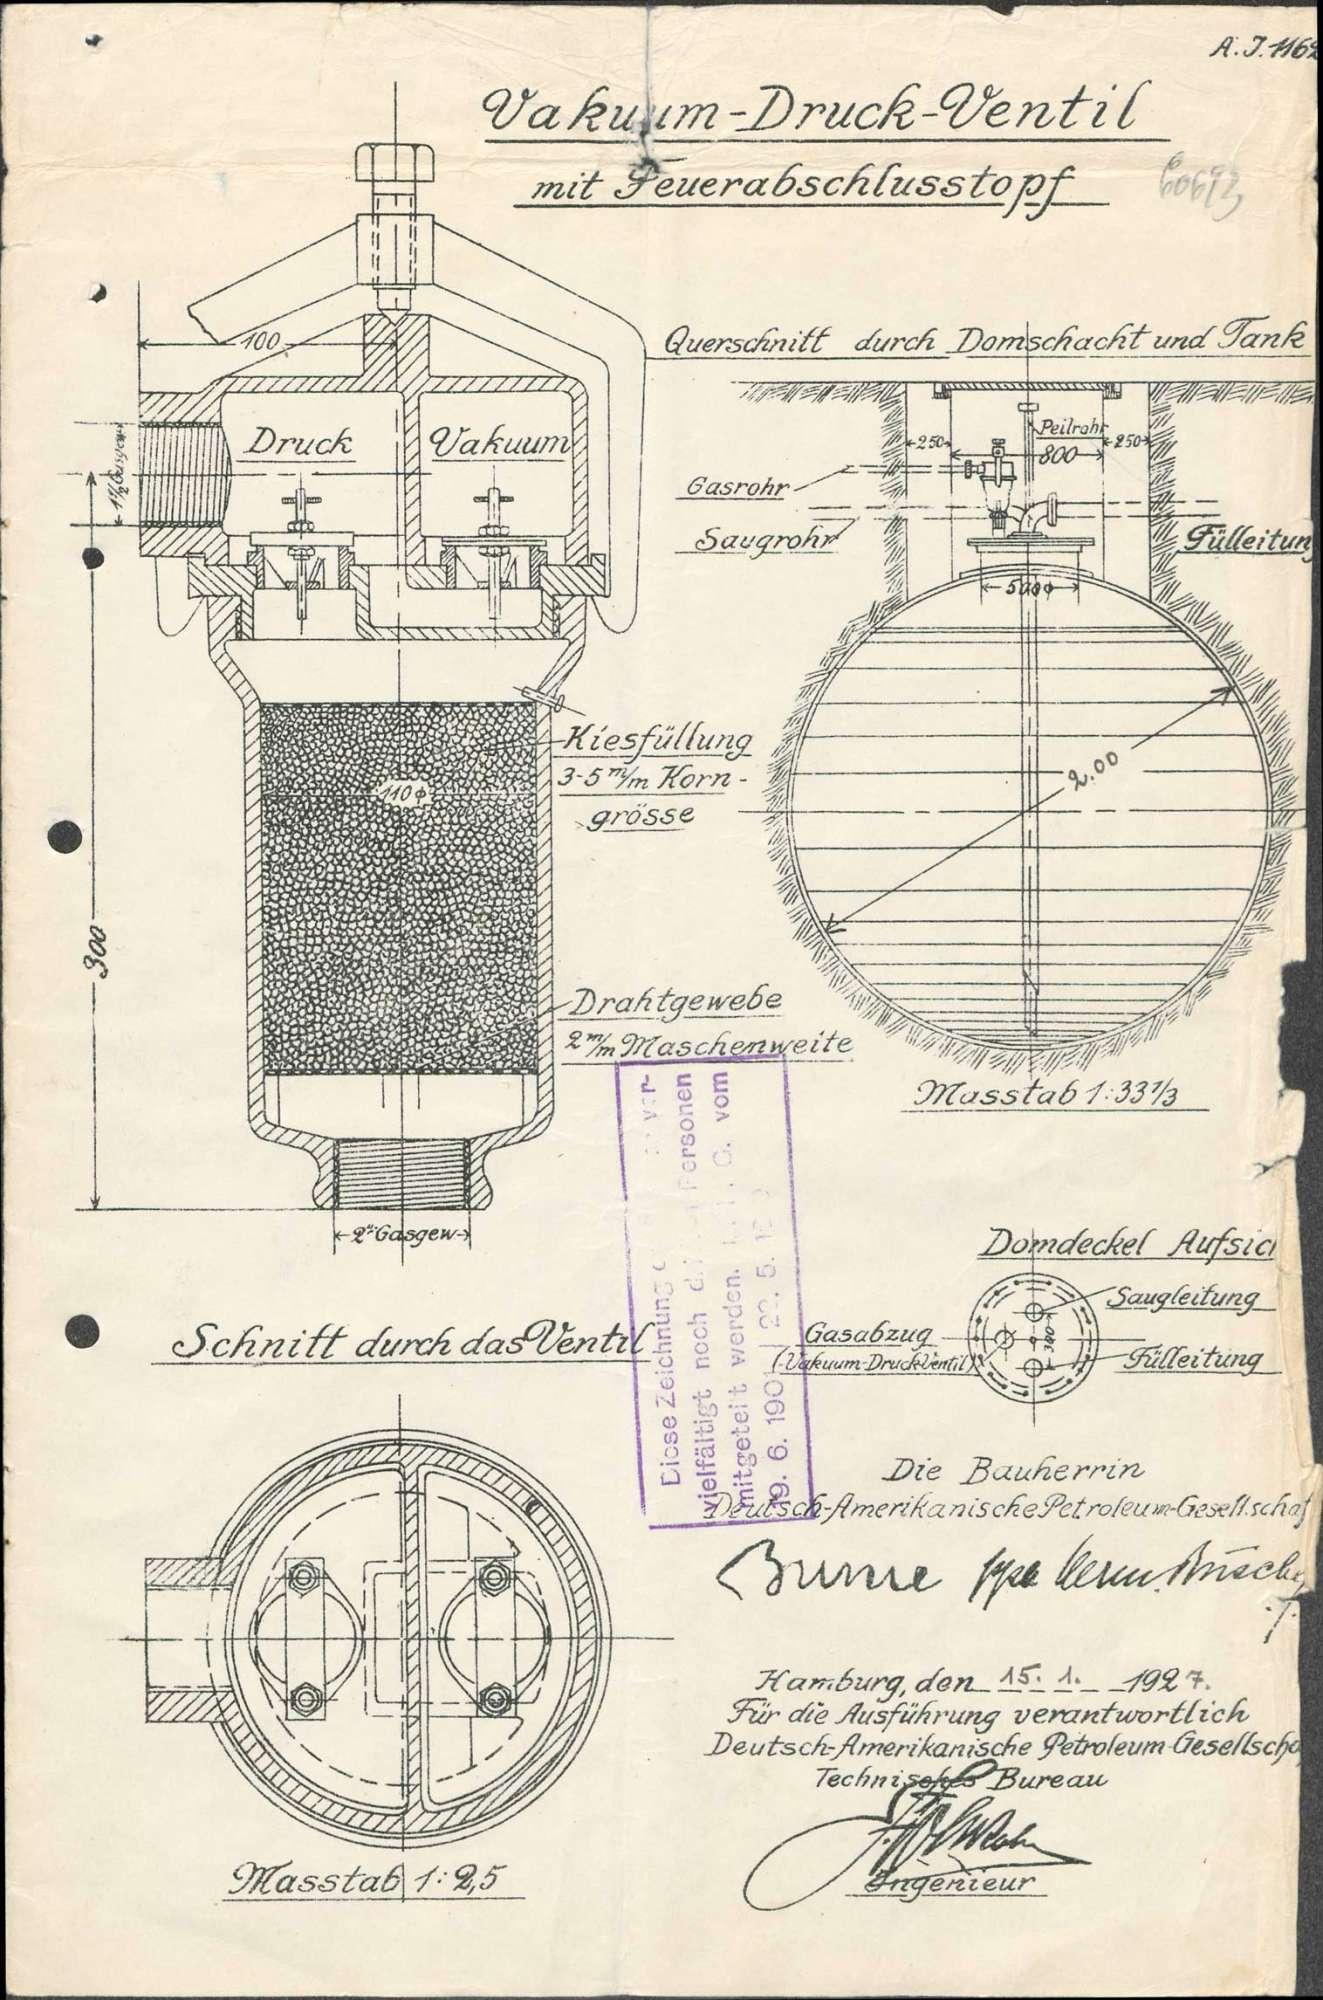 Errichtung und Betrieb des Tanklagers der Firma Mowak Maier & Cie in Kleinlaufenburg bzw. Laufenburg (Baden), Bild 3